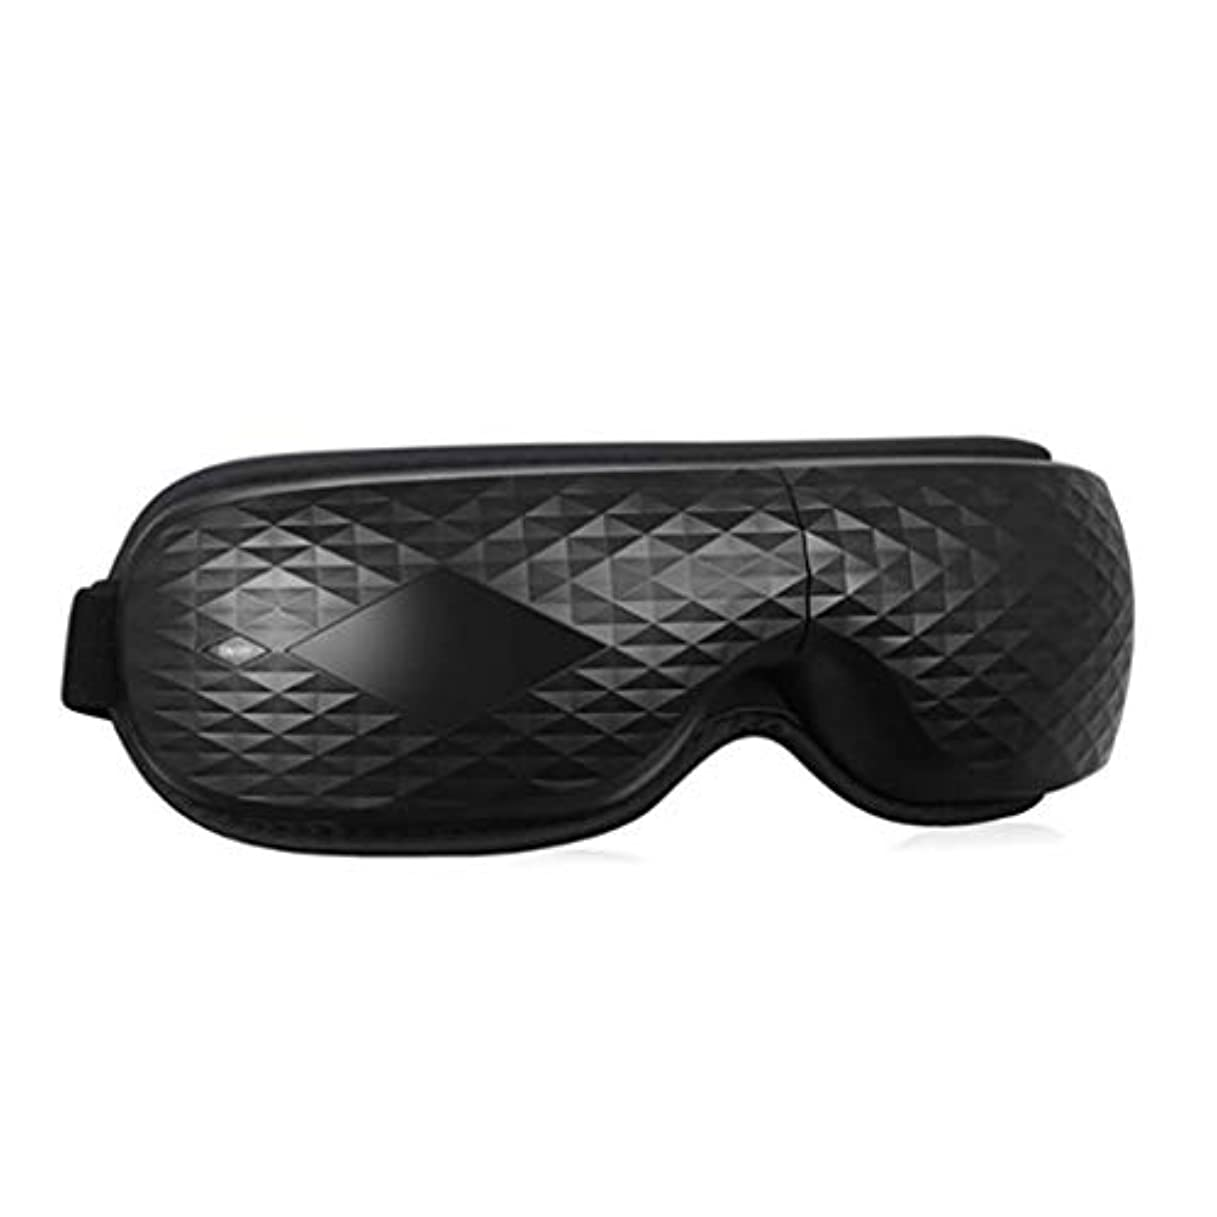 一杯正確な早くアイマッサージャー、折り畳み式Bluetooth赤外線アイマッサージャー、5つのモードの加熱/振動/空気圧縮と音楽、SPA眼科治療機器、疲労と痛みの軽減、睡眠の促進 (Color : Obsidian)